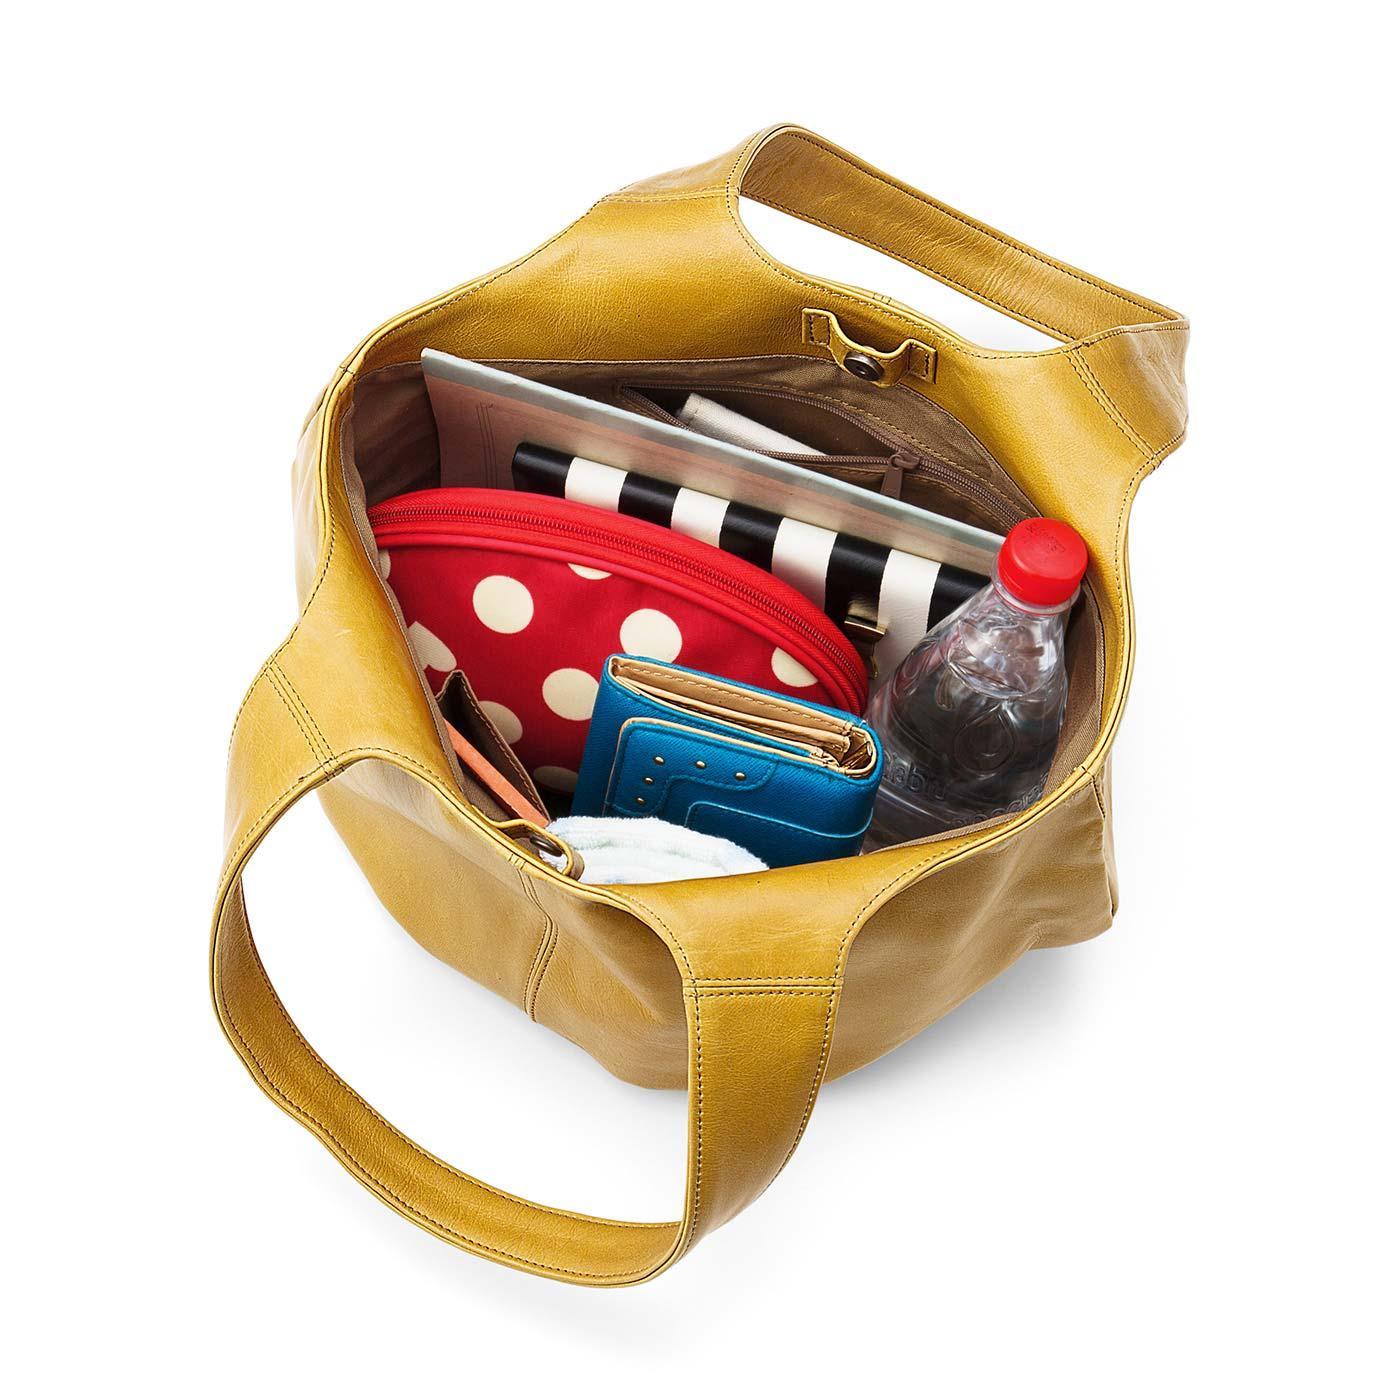 お仕事アイテムもお弁当&ペットボトルもすっぽり収納。内側には小物の整理に便利なポケットが3つ。